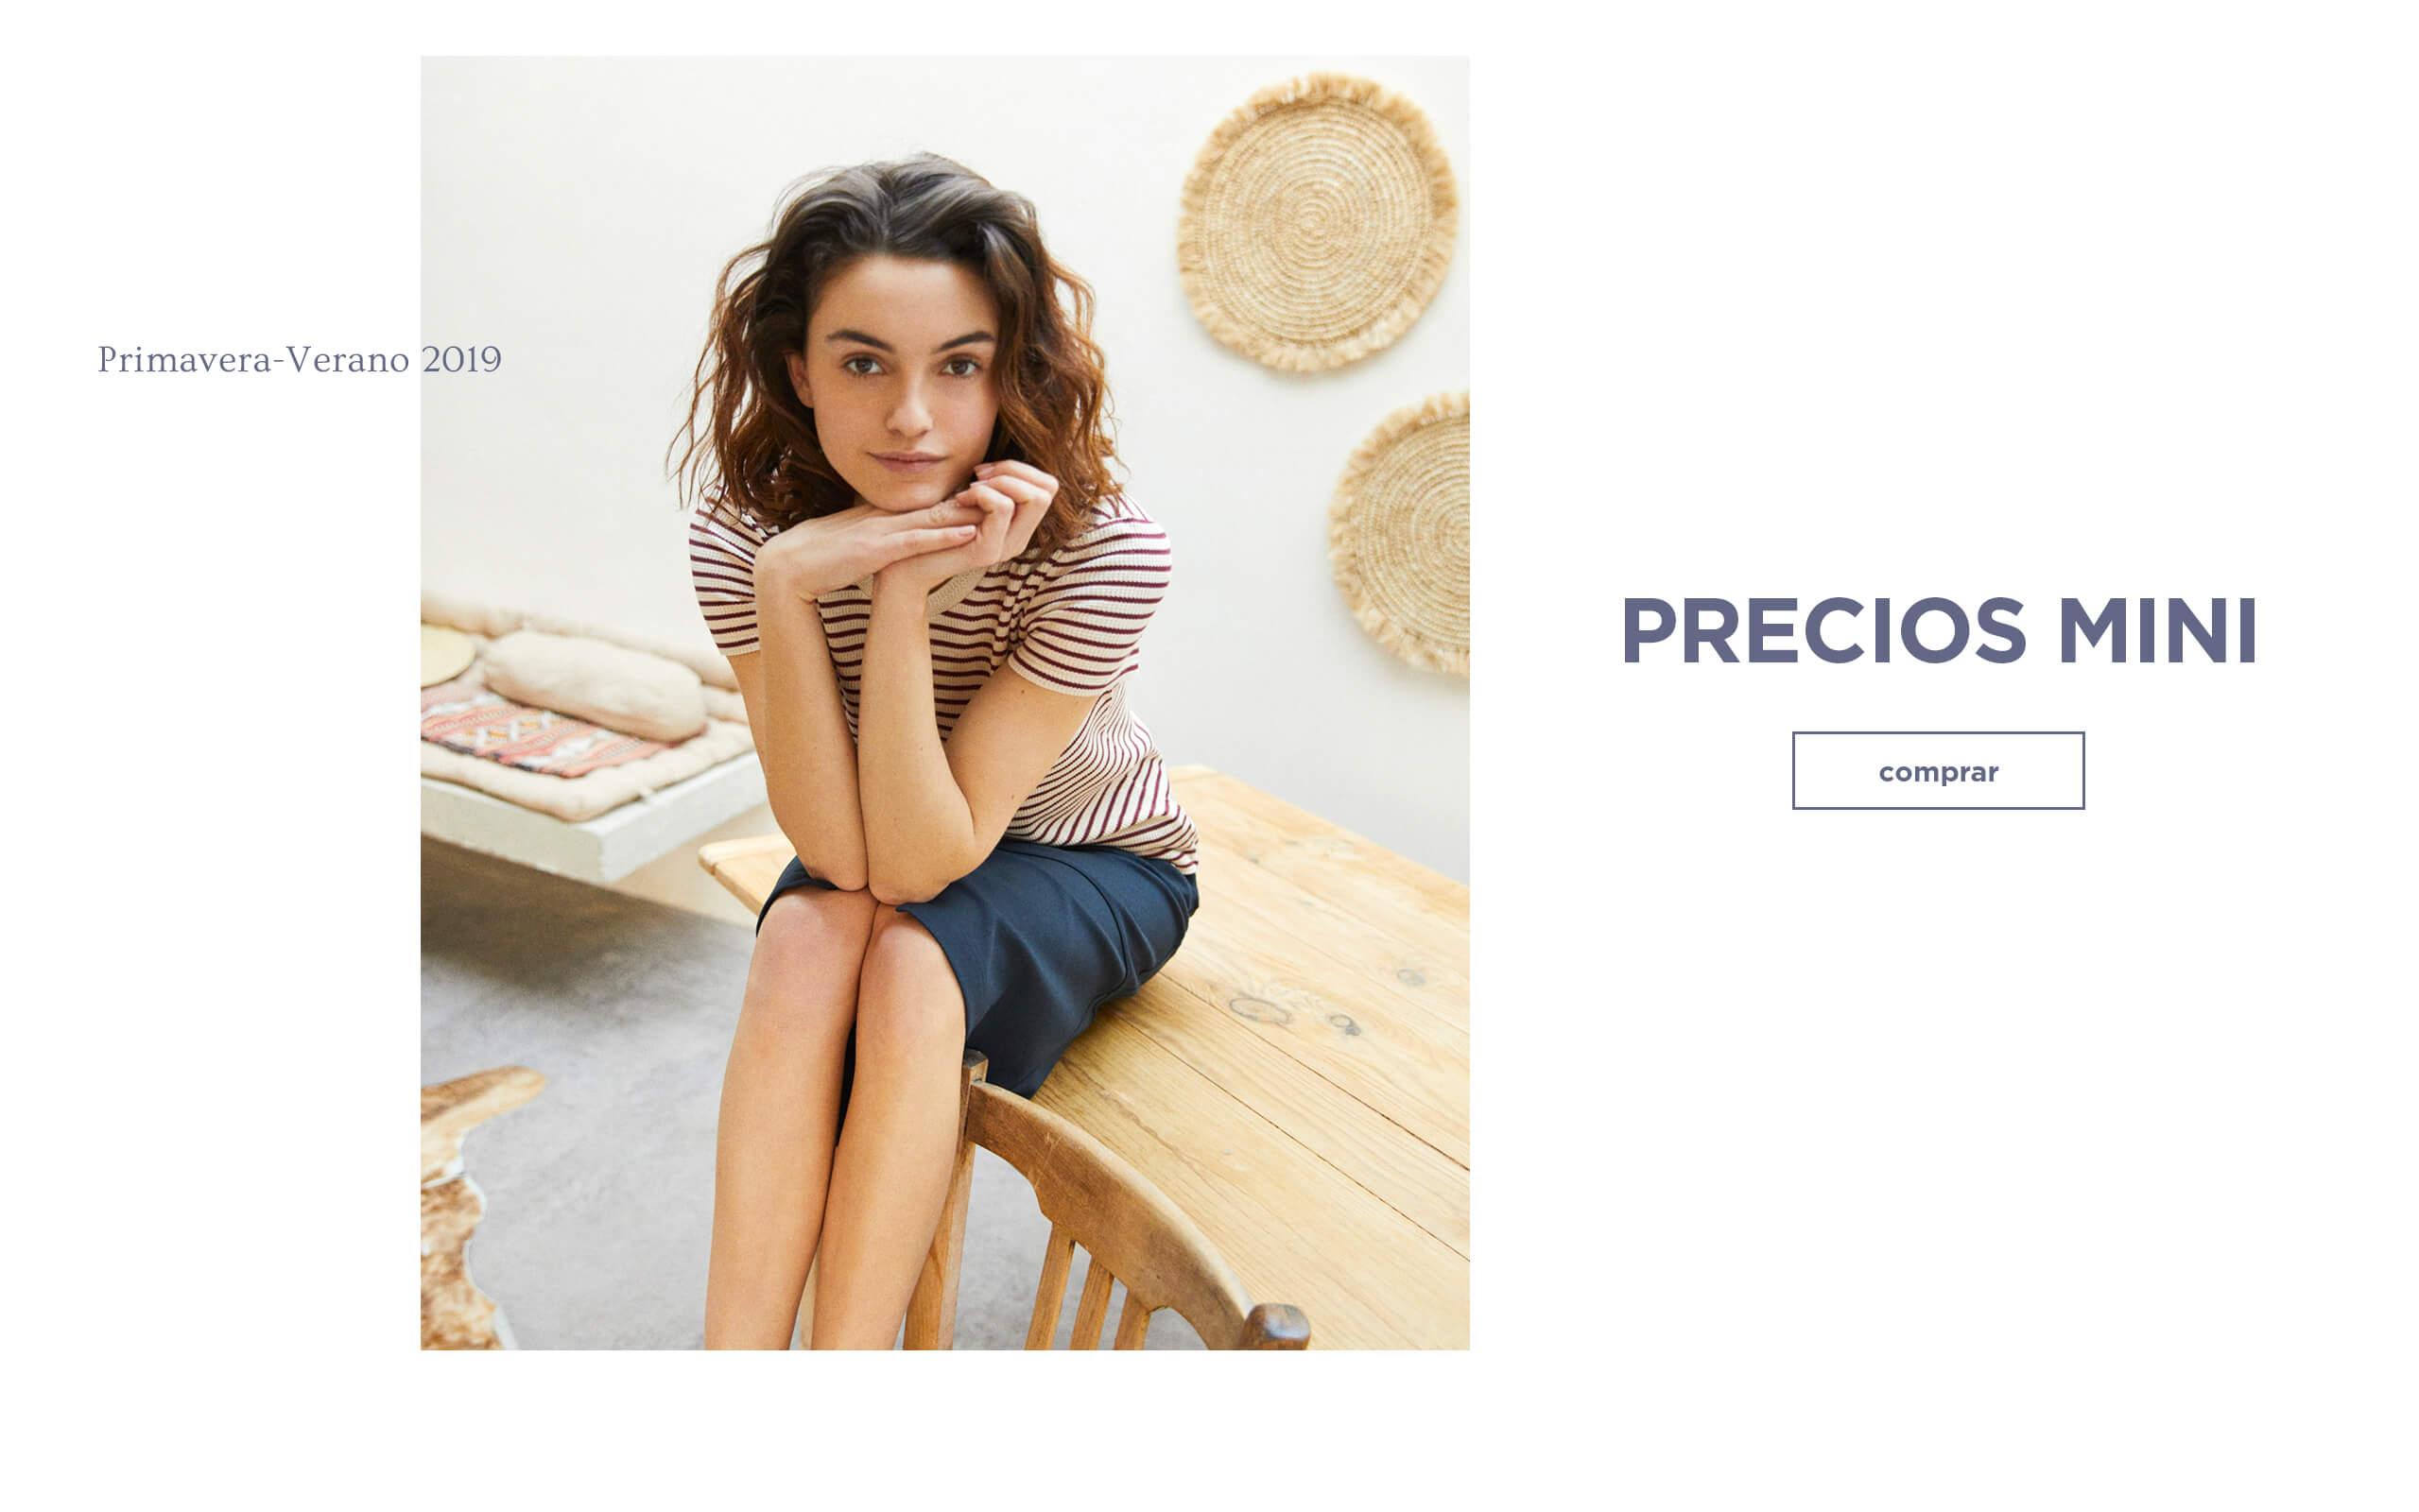 Precios Mini -  Primavera-Verano 2019